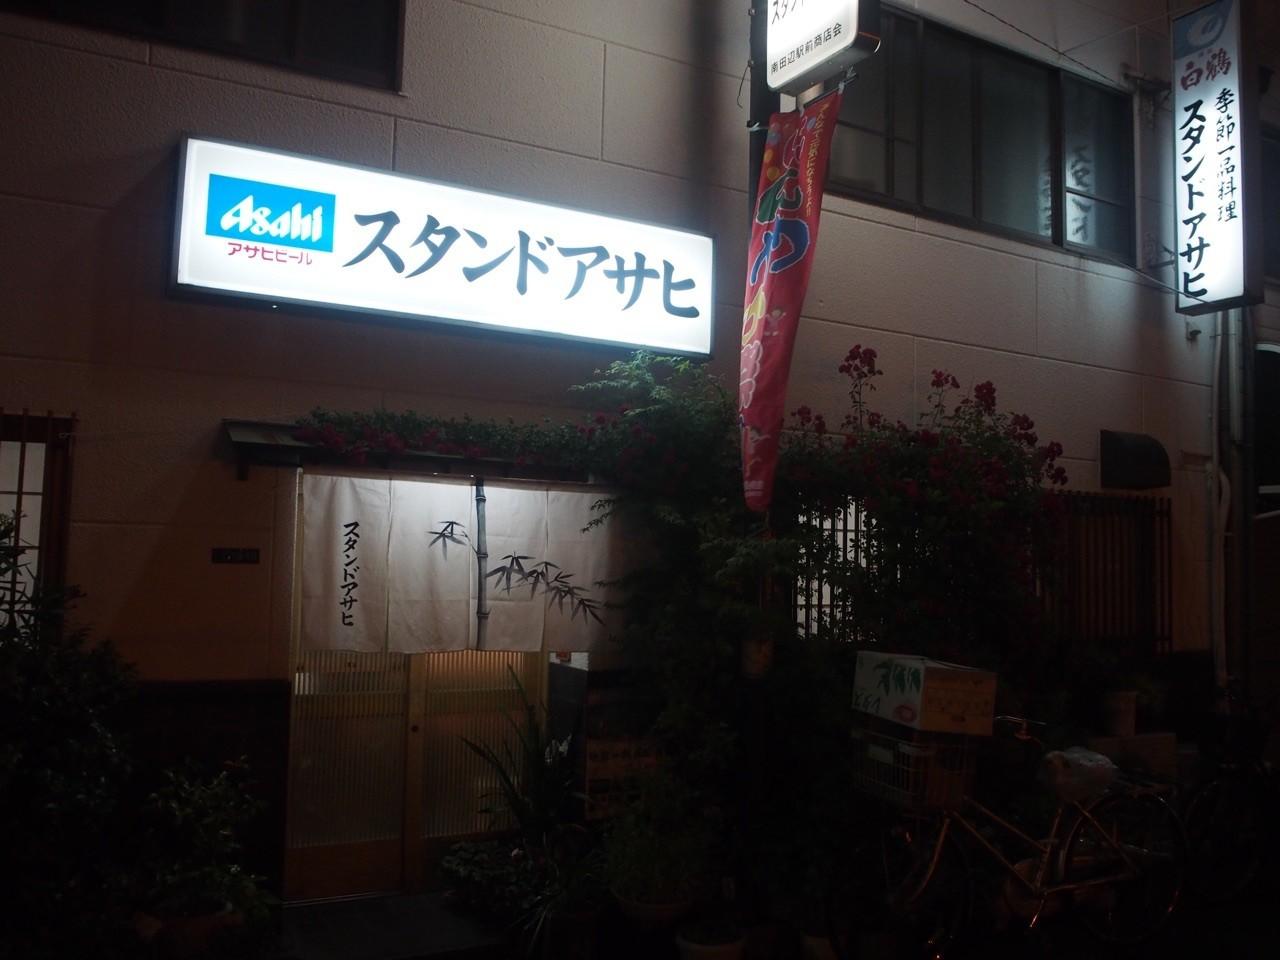 大阪STAND ASAHI